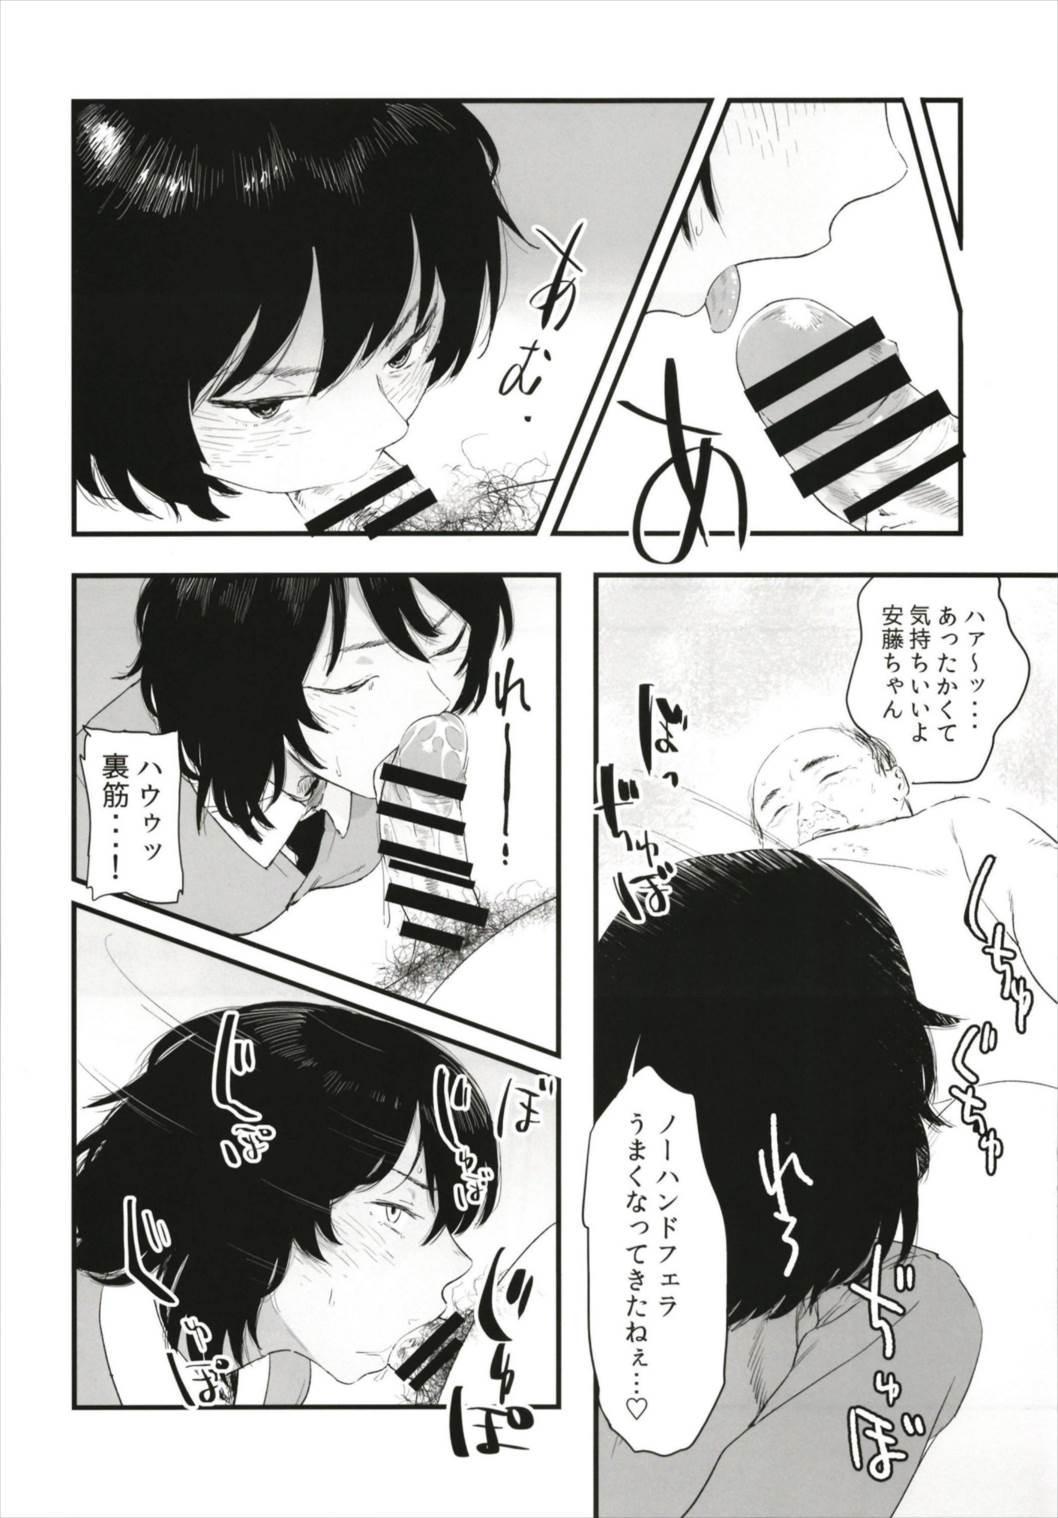 Uto Saori Selection Kono Chara ga Eroi 3